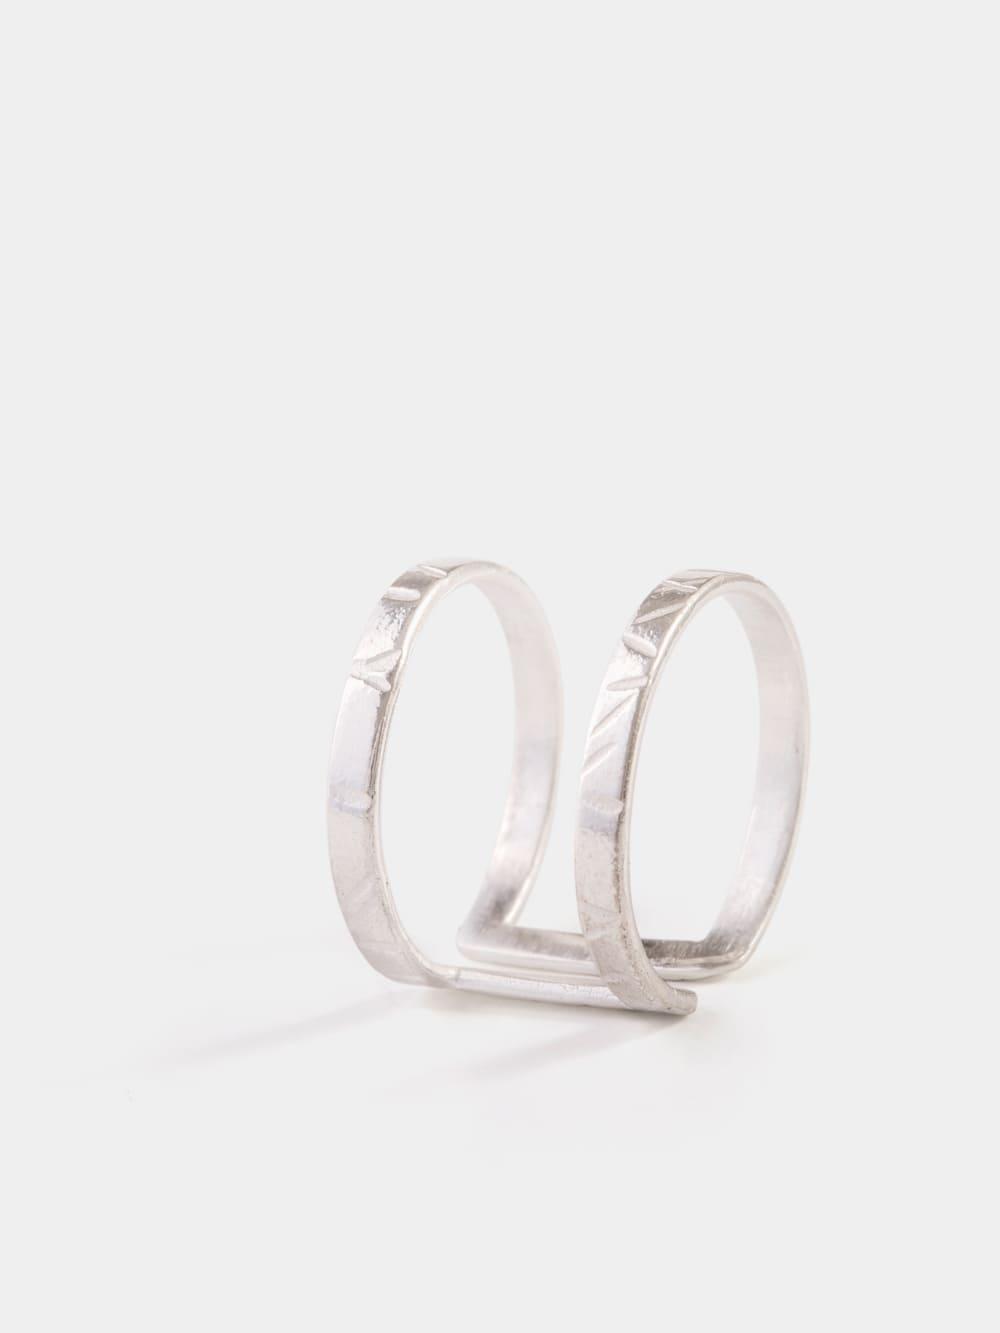 anillo de plata para diario, anillos de plata, martelie barcelona, comprar anillos de plata baratos, joyasmarket